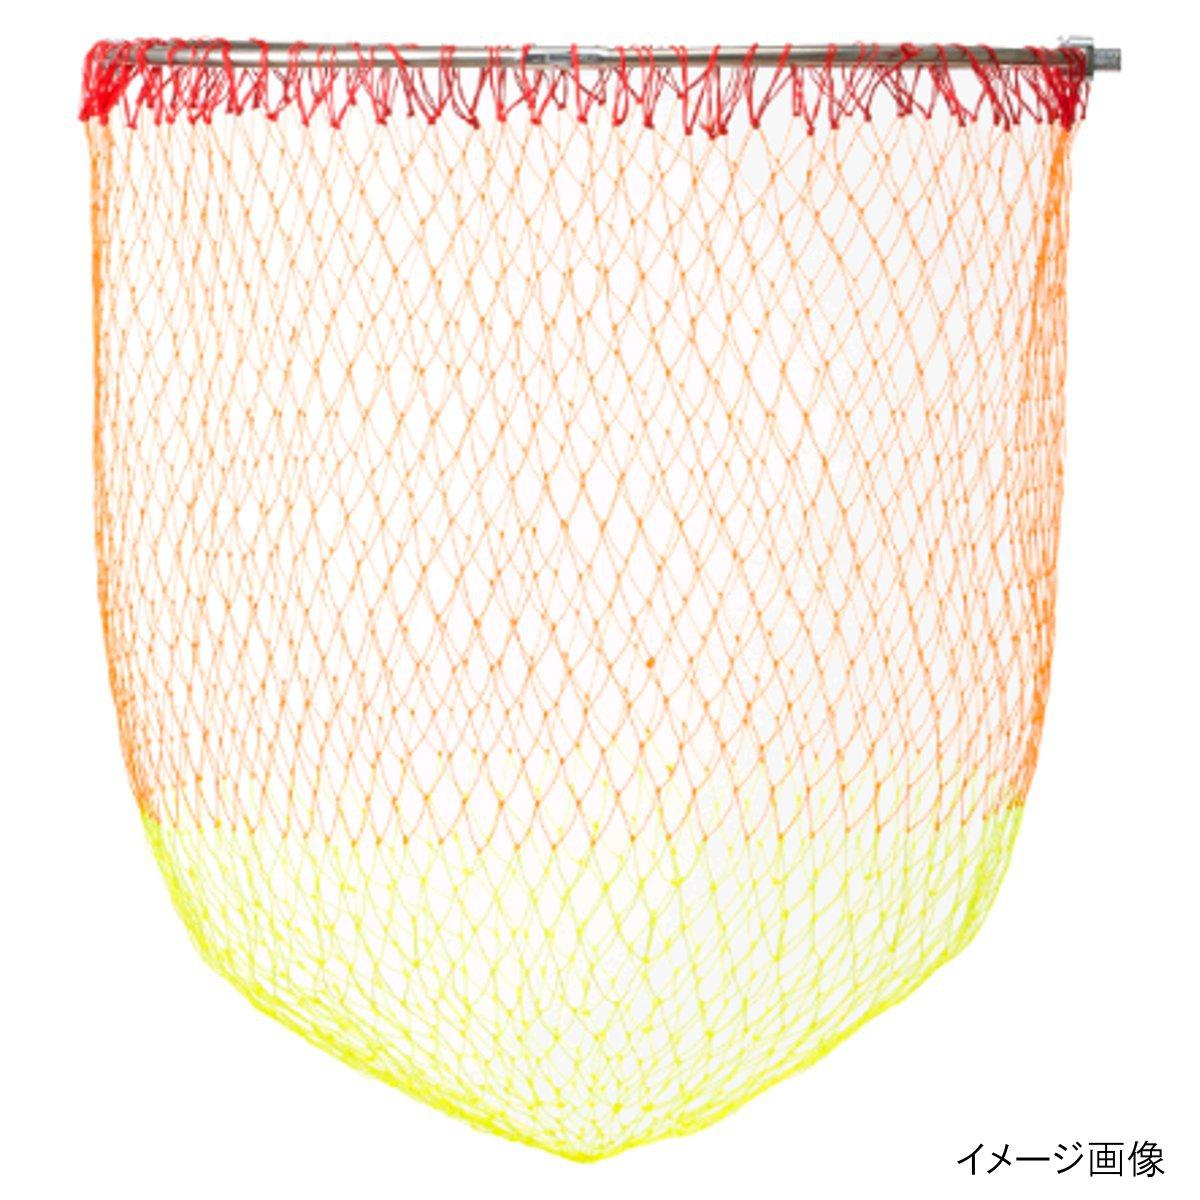 ダイワ 磯玉枠 網付き(A) 4-50 オレンジ/イエロー